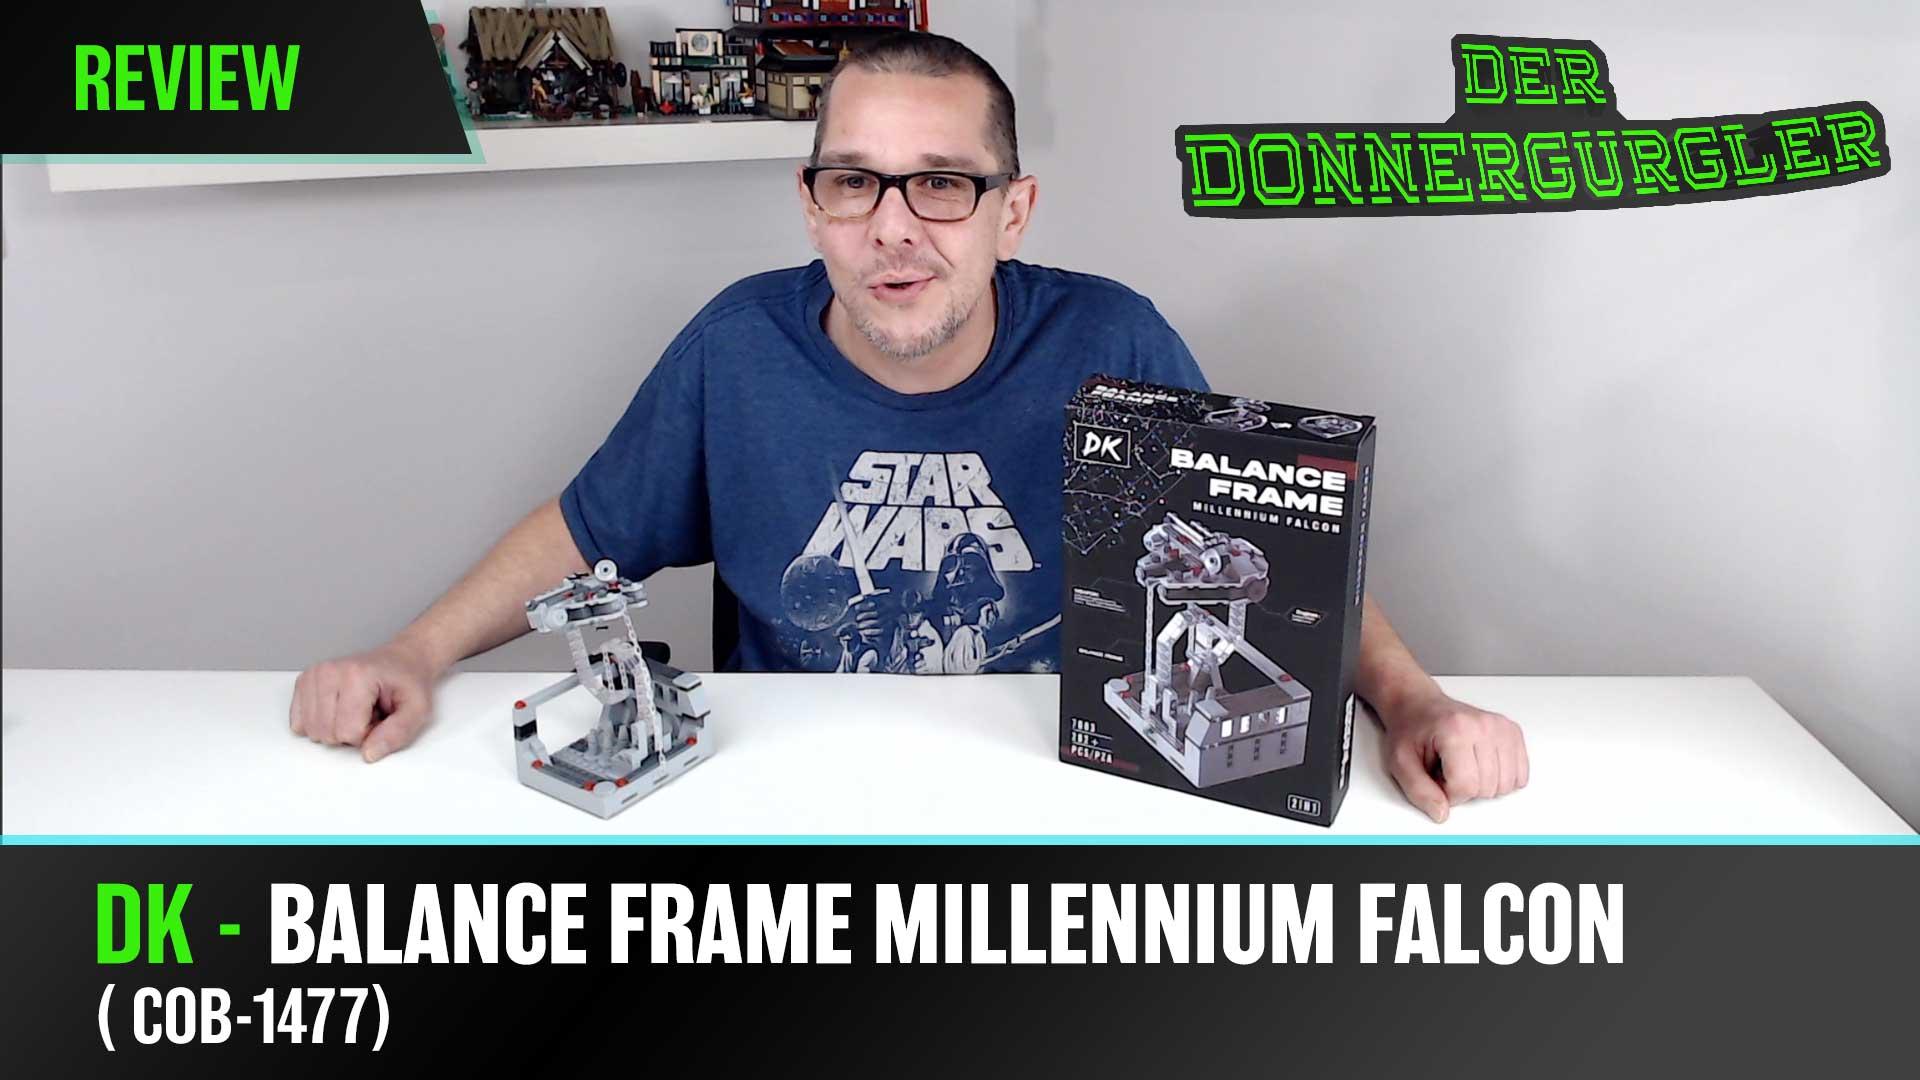 DK - Balance Frame Millennium Falcon 2 in 1 (7003) Klemmbausteine Diorama